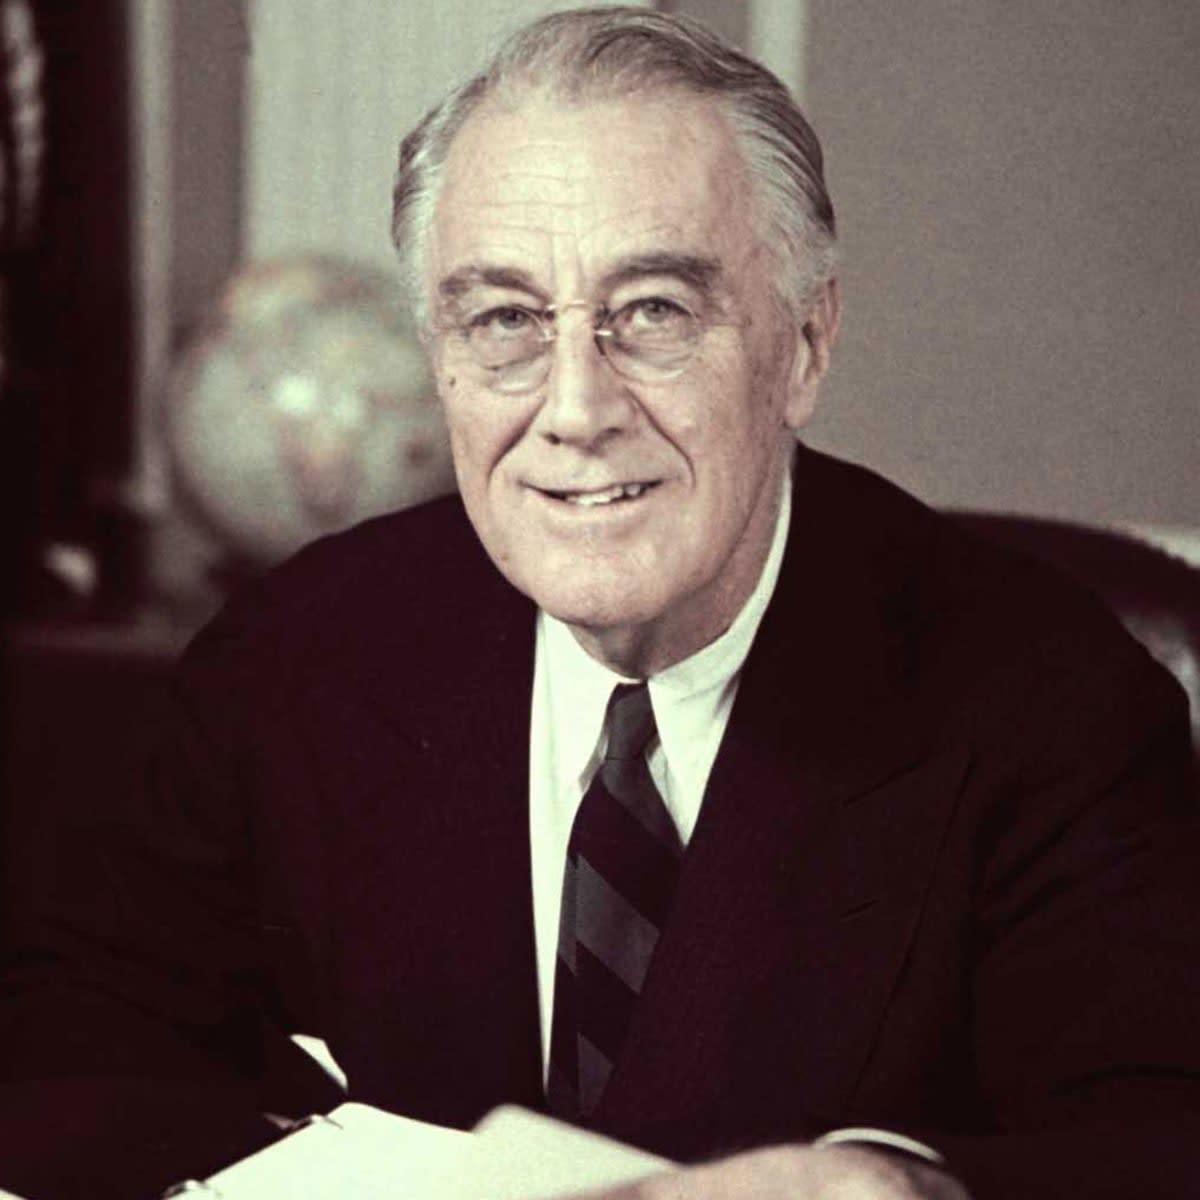 Franklin Delano Roosevelt - FDR